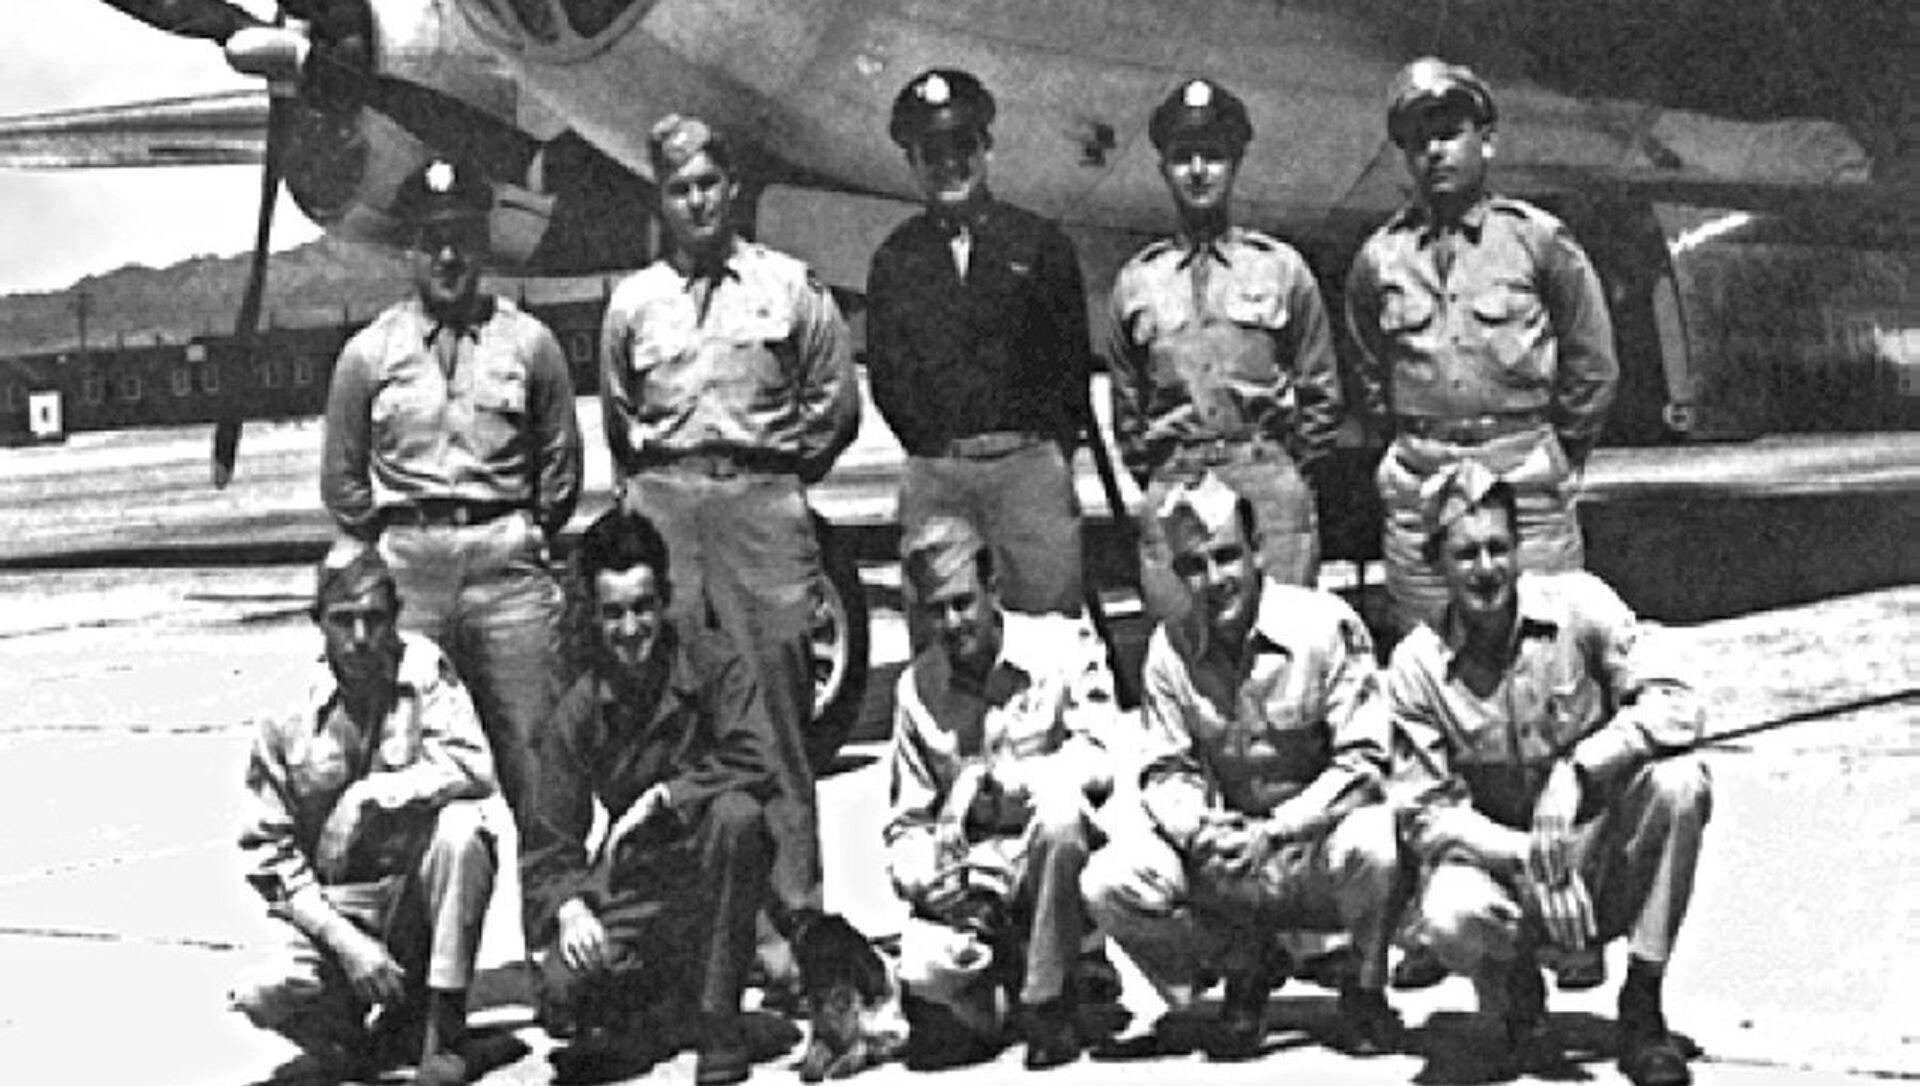 Posádka letadla, které shodilo atomovou bombu na Nagasaki, 1945 - Sputnik Česká republika, 1920, 20.04.2021